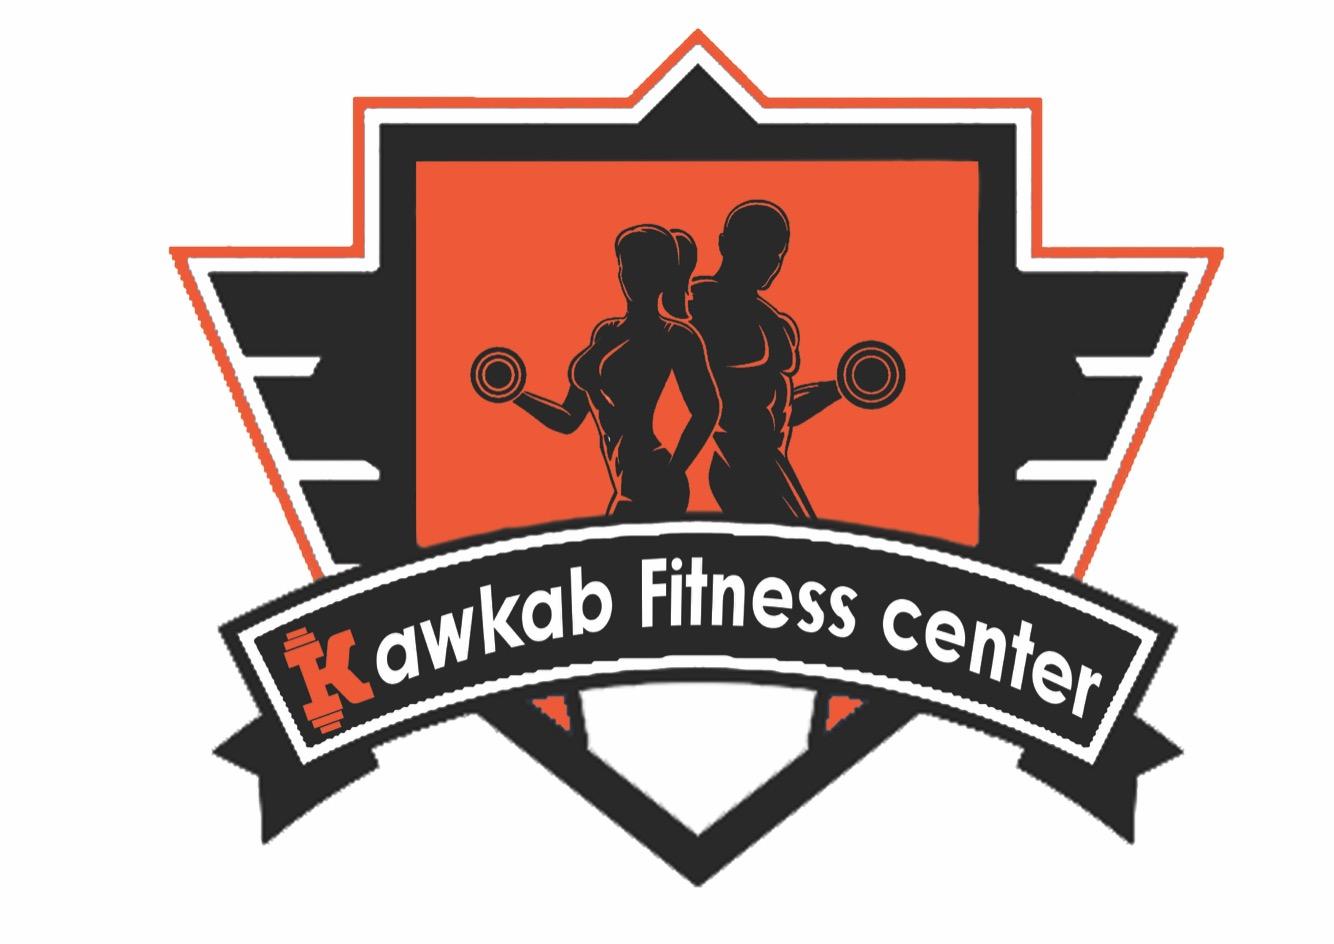 النادي  الرياضي في كوكب ابو الهيجاء يفتح ابوابه غدا من جديد لجميع المنتسبين بحسب توصيات وزارة الصحة